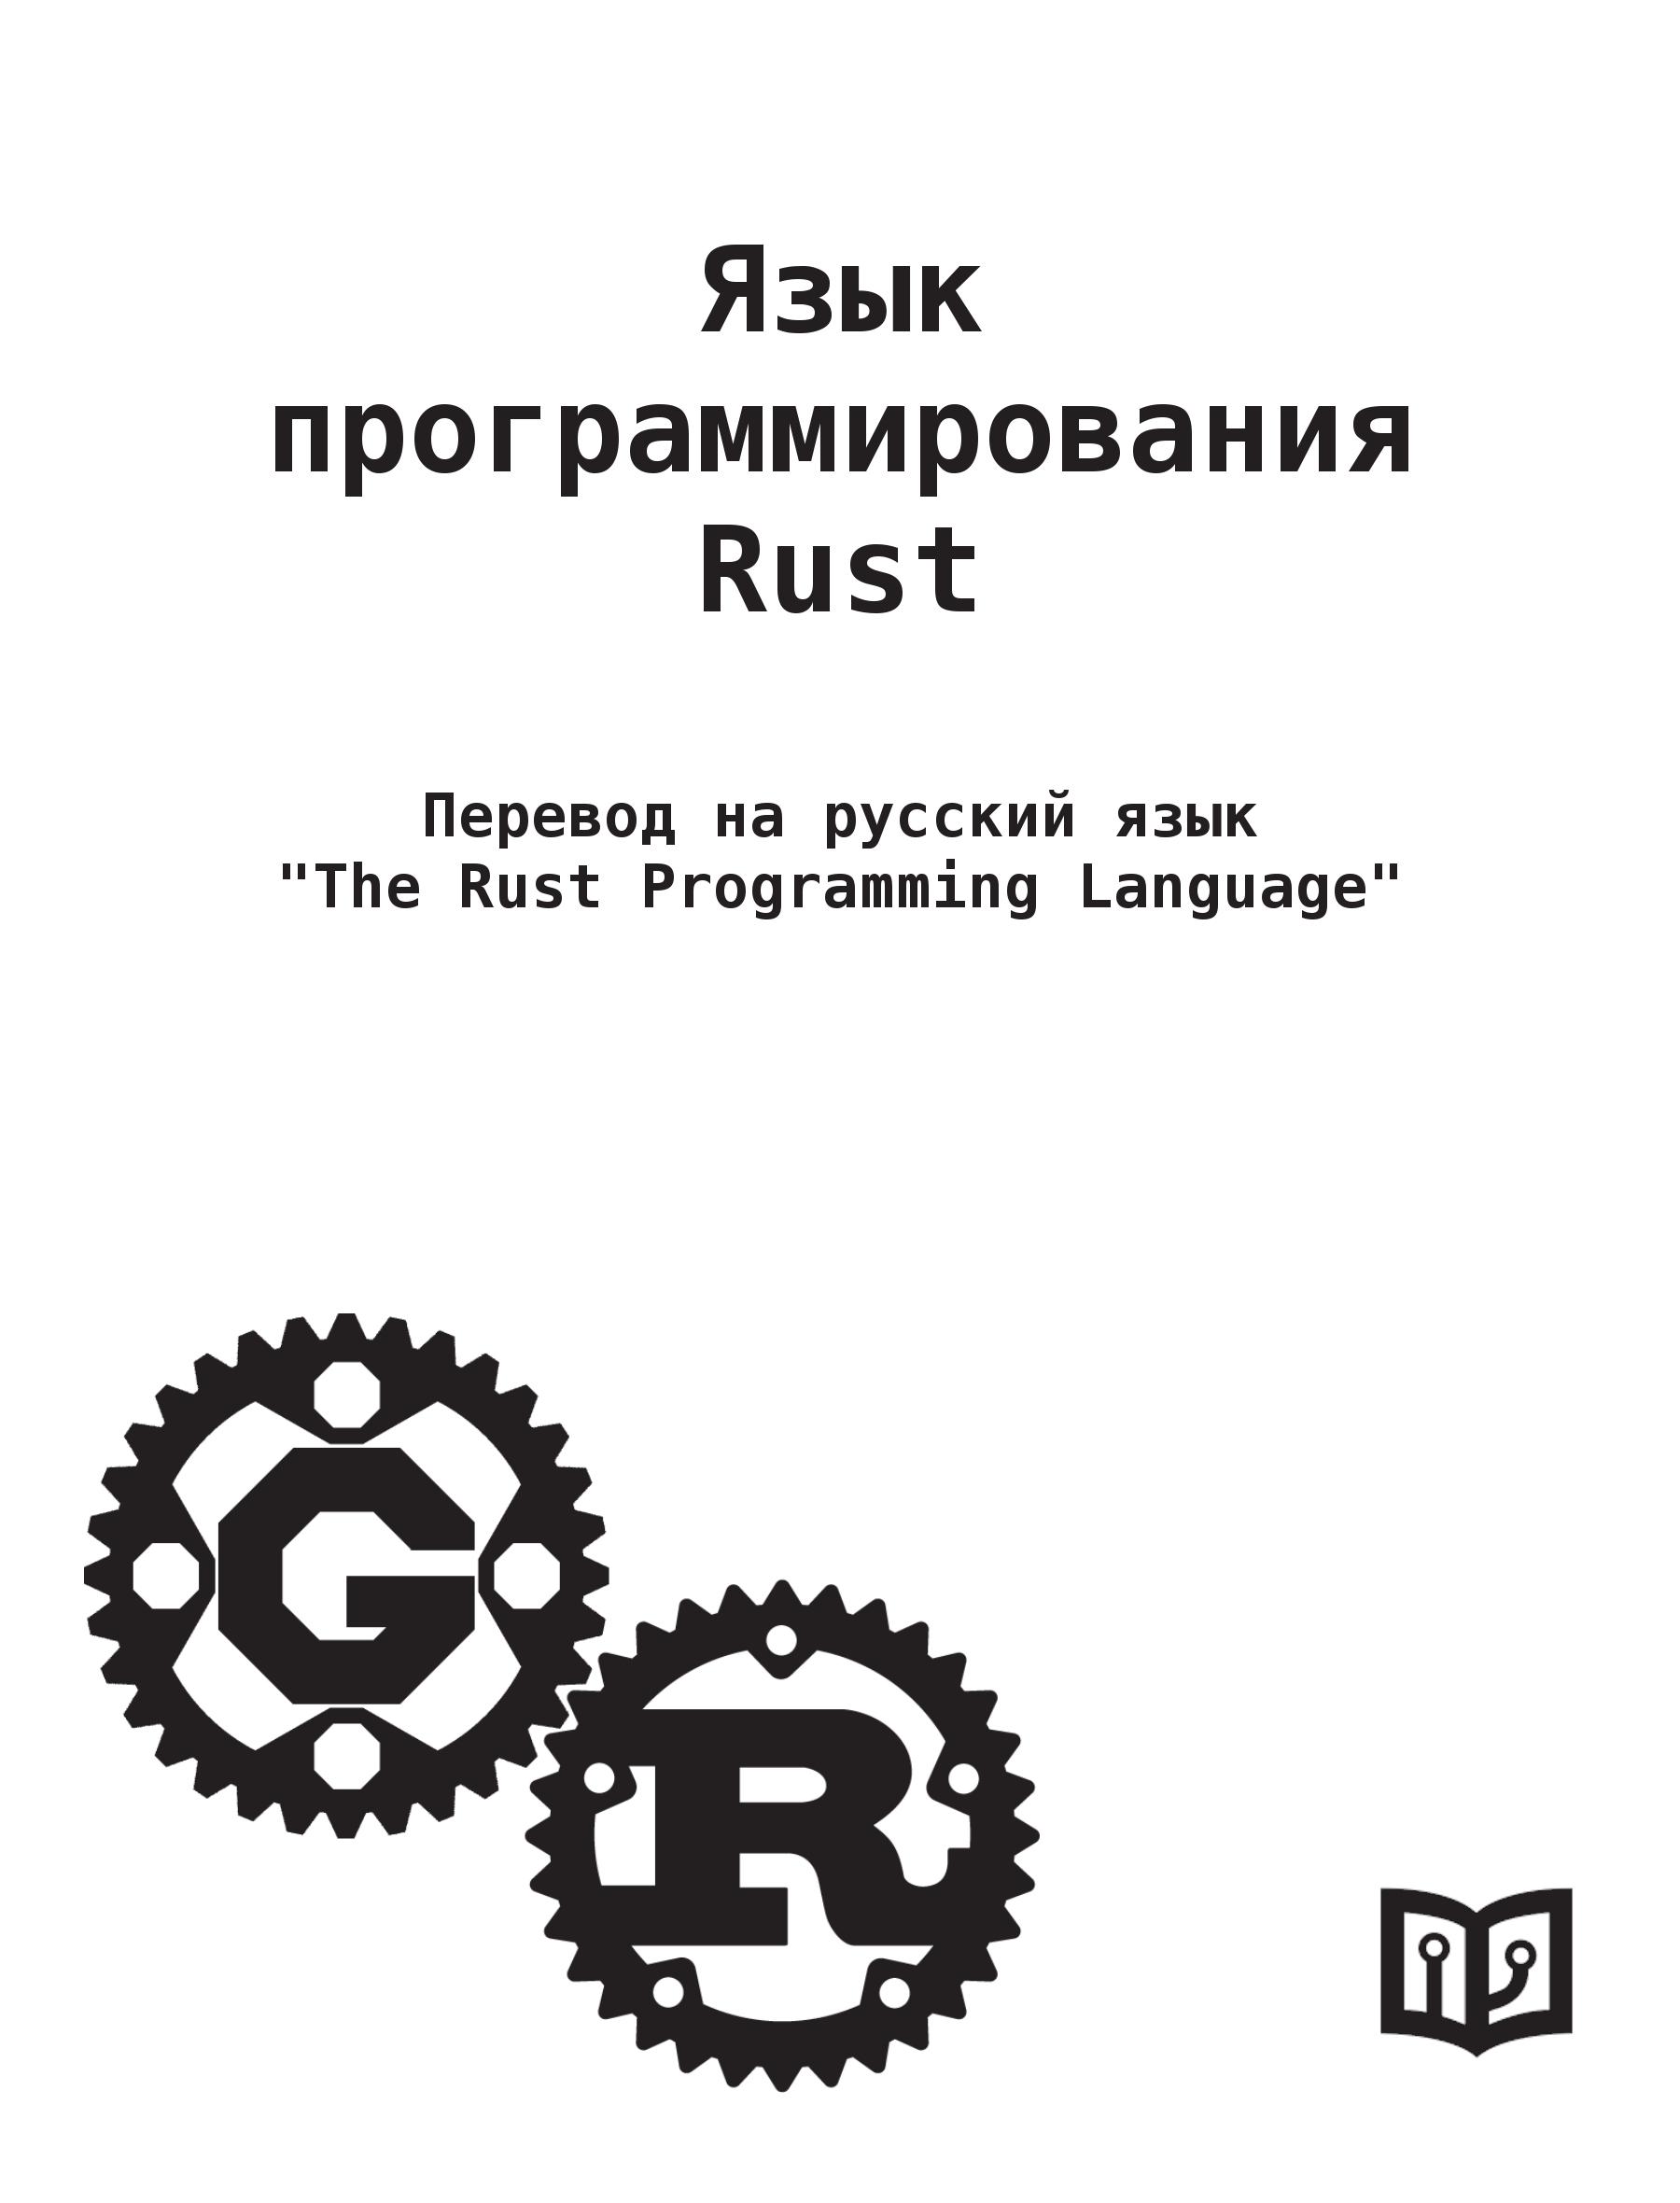 Почему мы занимаемся переводом книги с английского на площадке GitHub